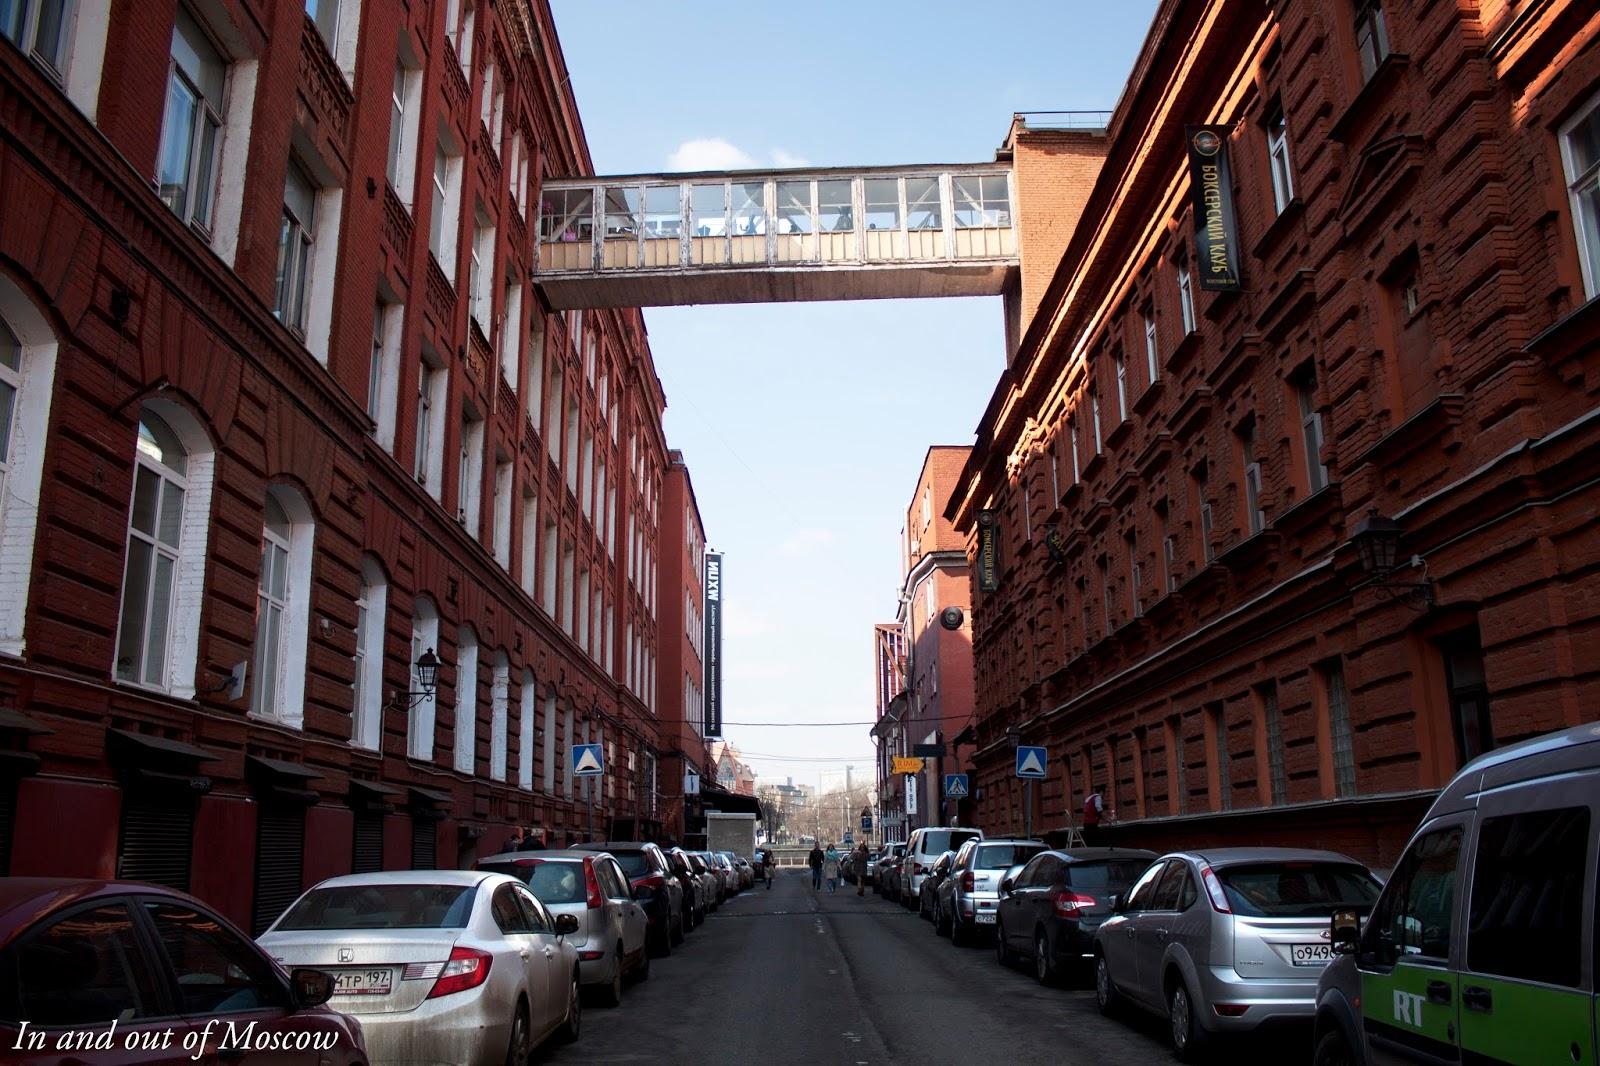 Krasny Oktyabr Moscow Krasny Oktyabr The Red